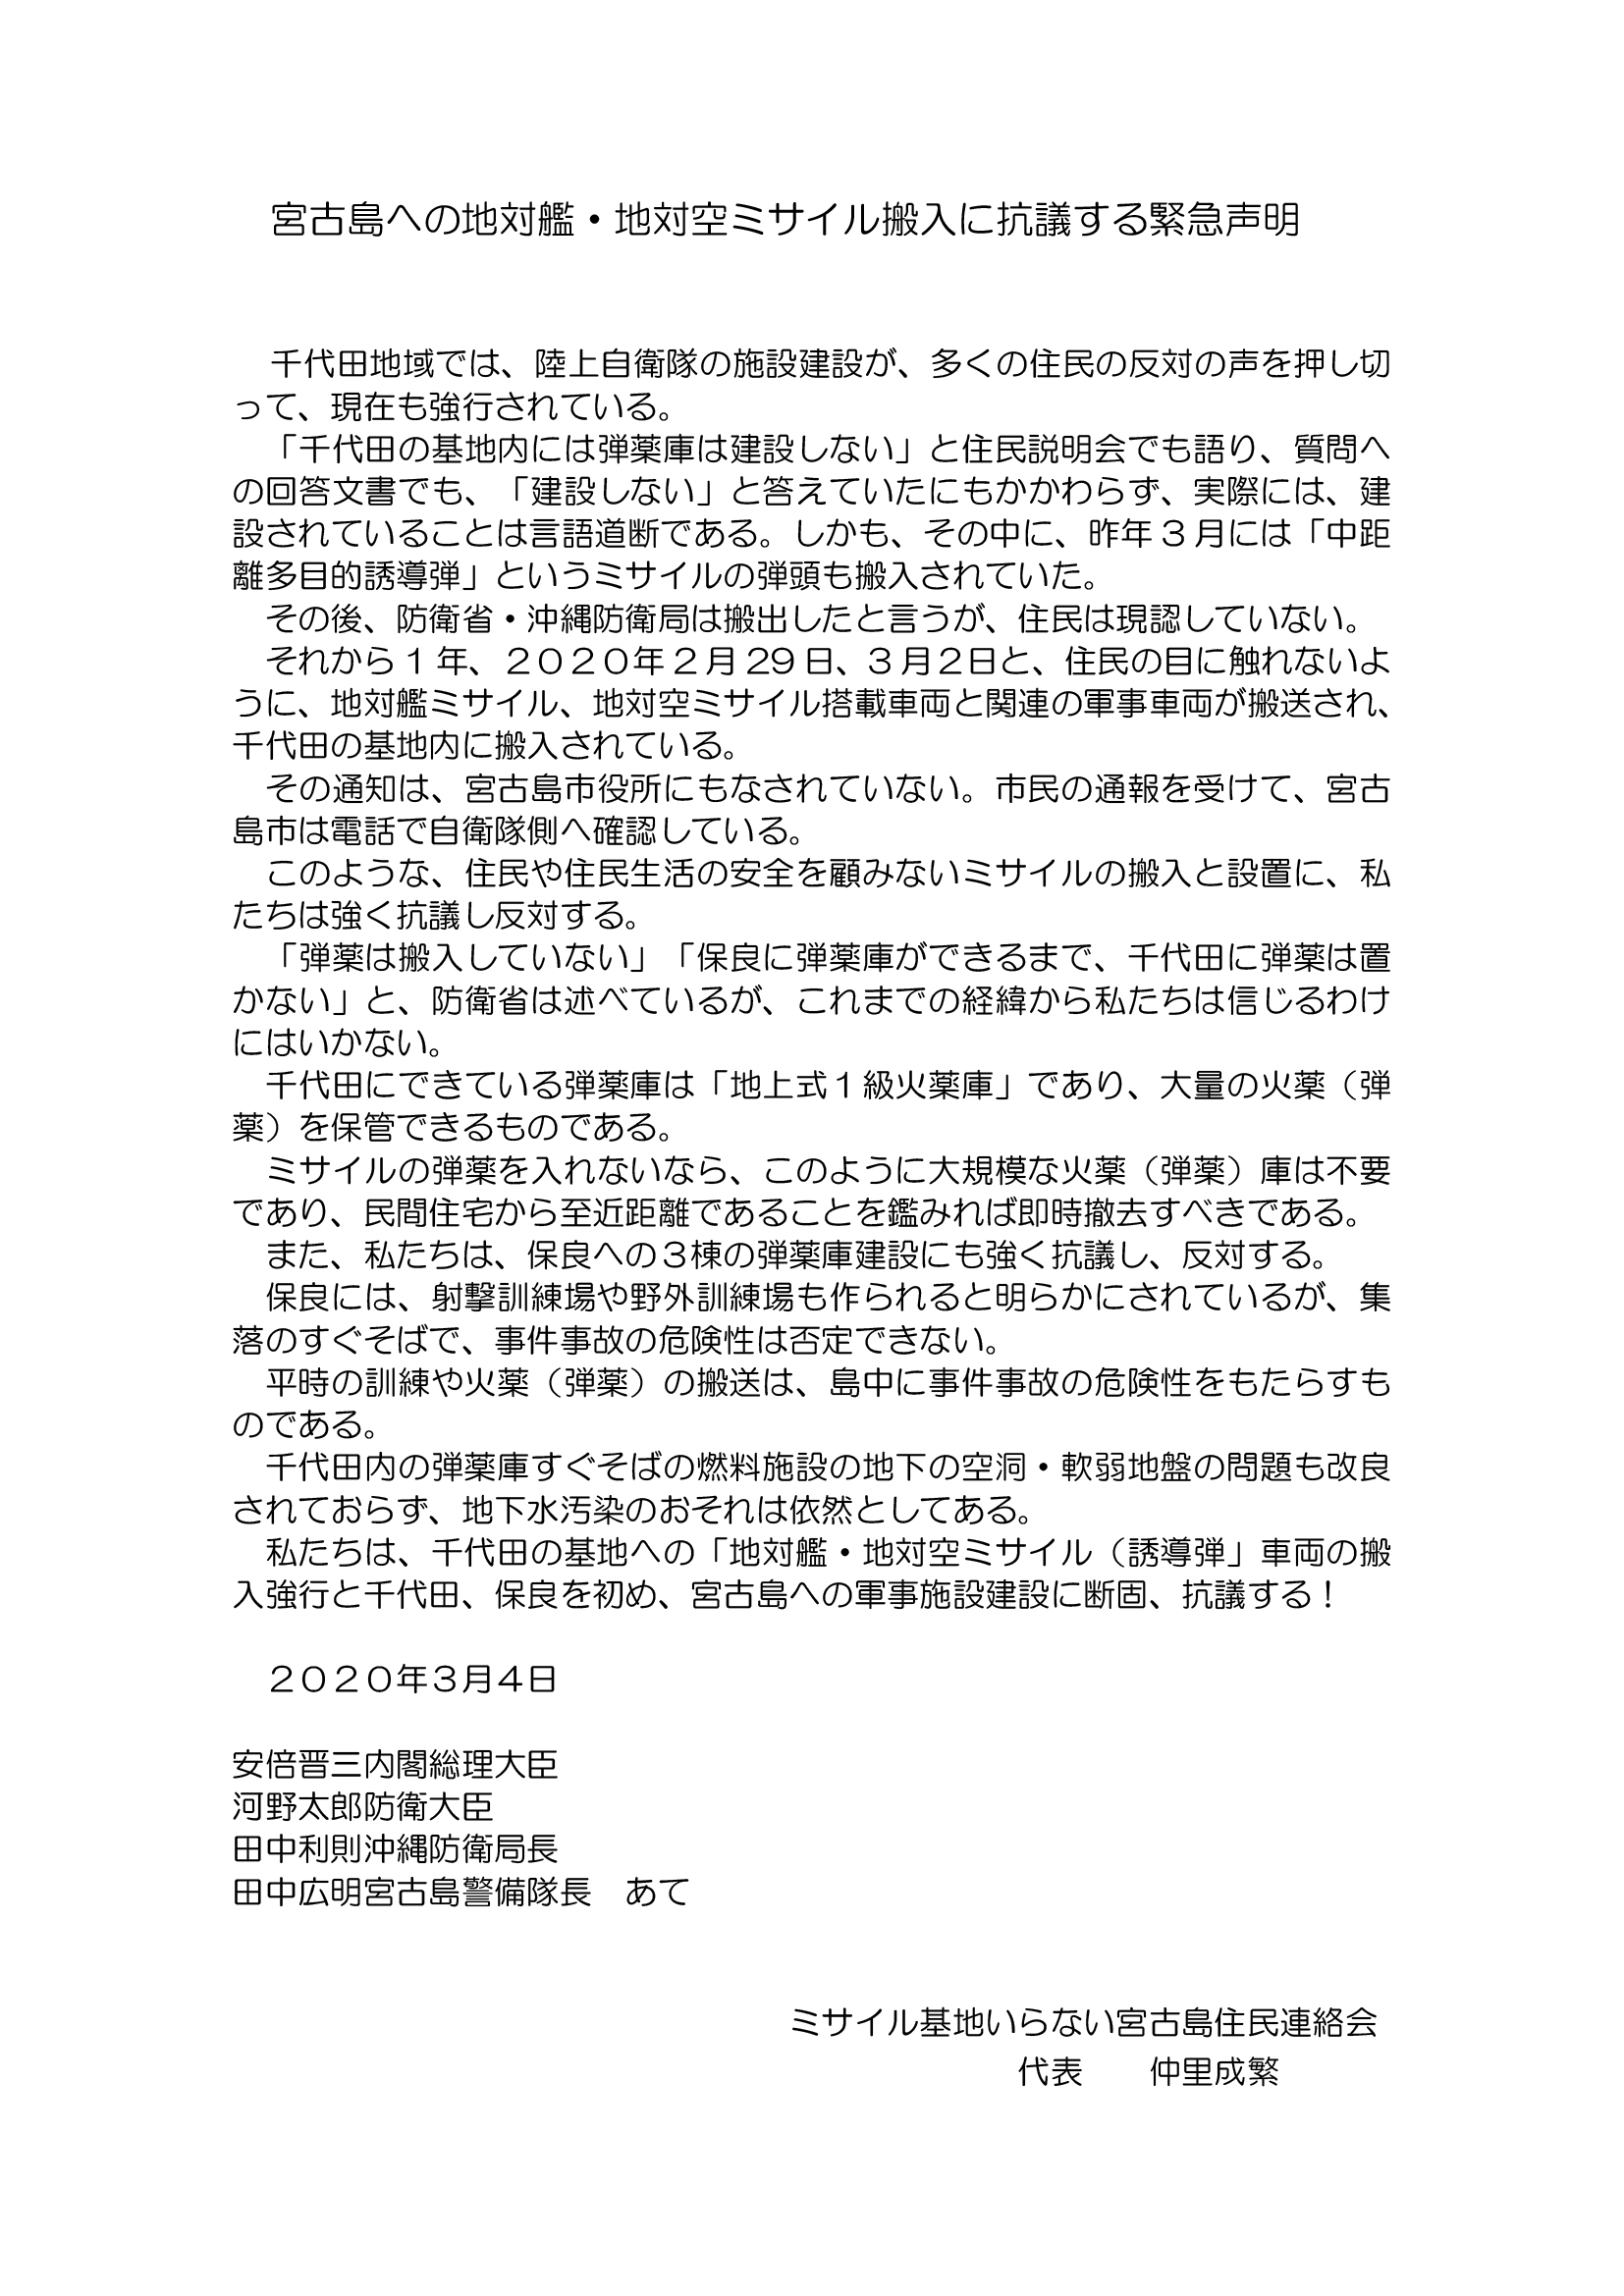 緊急抗議声明2020 0304